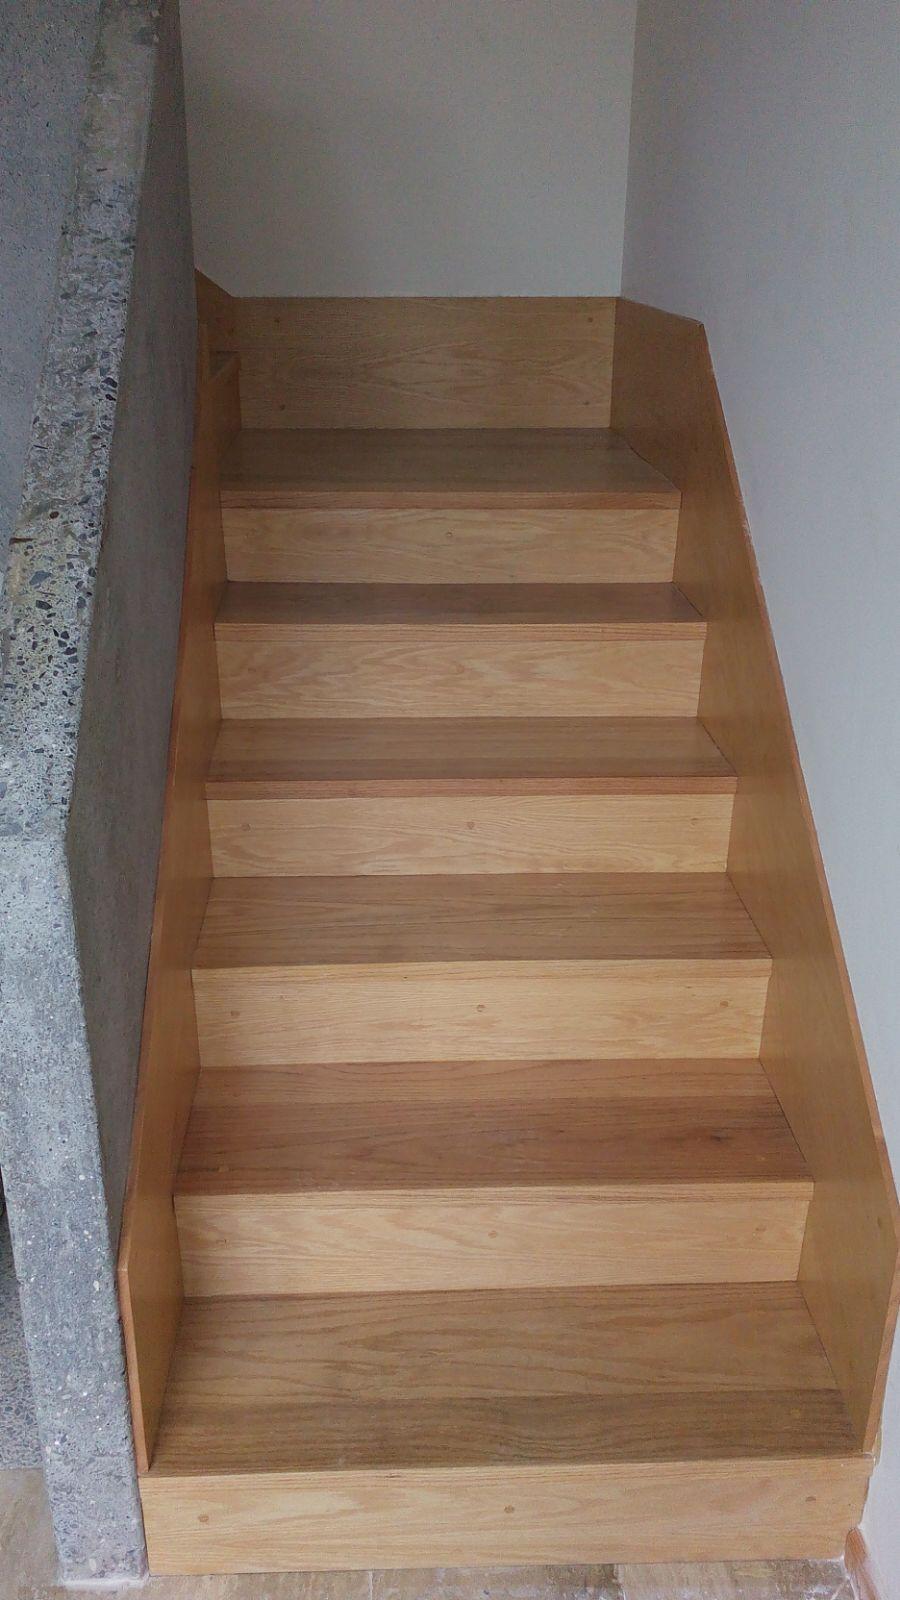 Como fabricar escaleras de madera cmo hacer escaleras en minecraft with escaleras banqueta - Fabricar escalera de madera ...